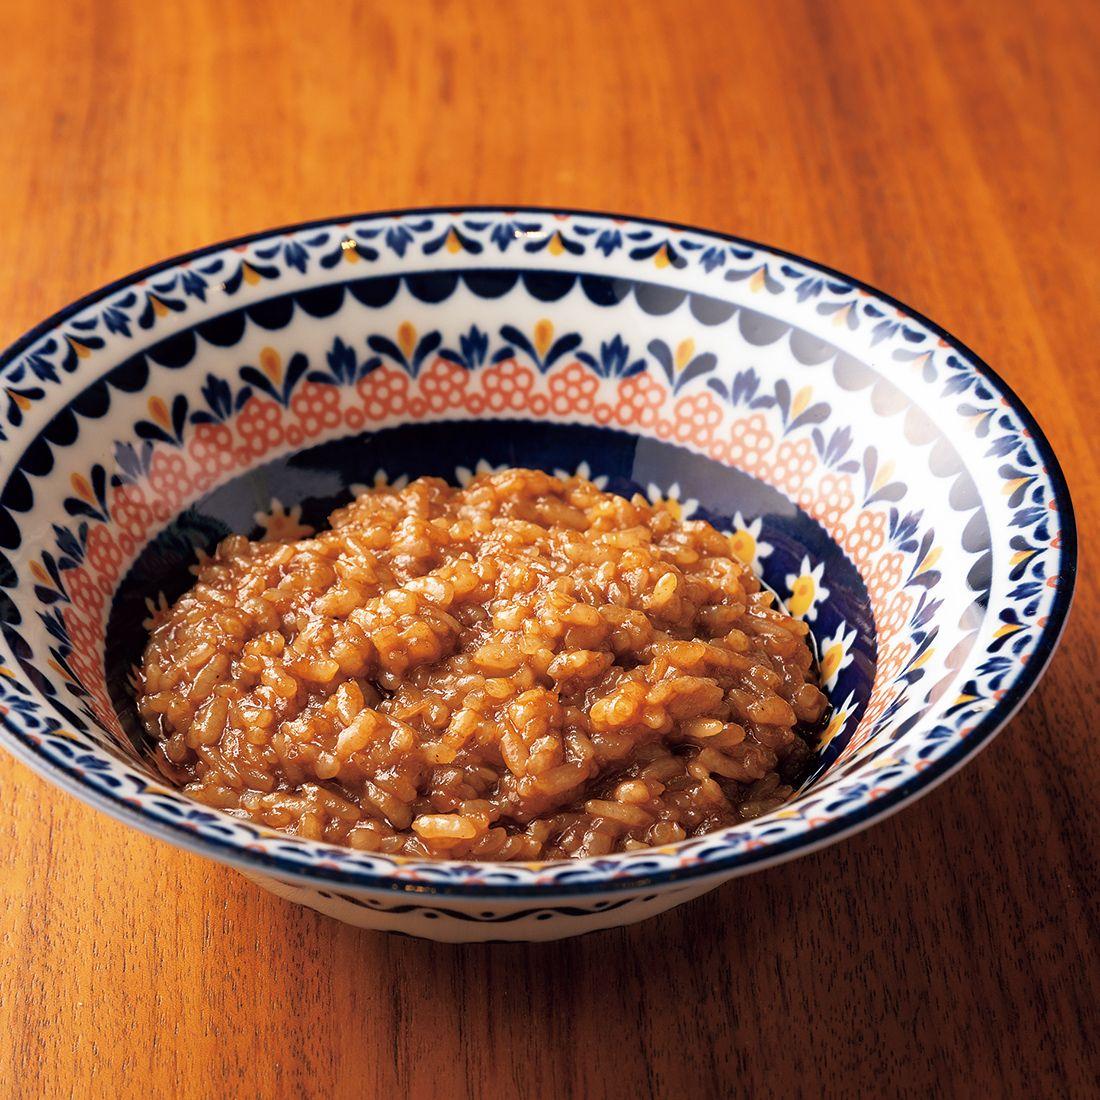 アメリケーヌソースの旨味が濃厚な「海老のリゾット」。